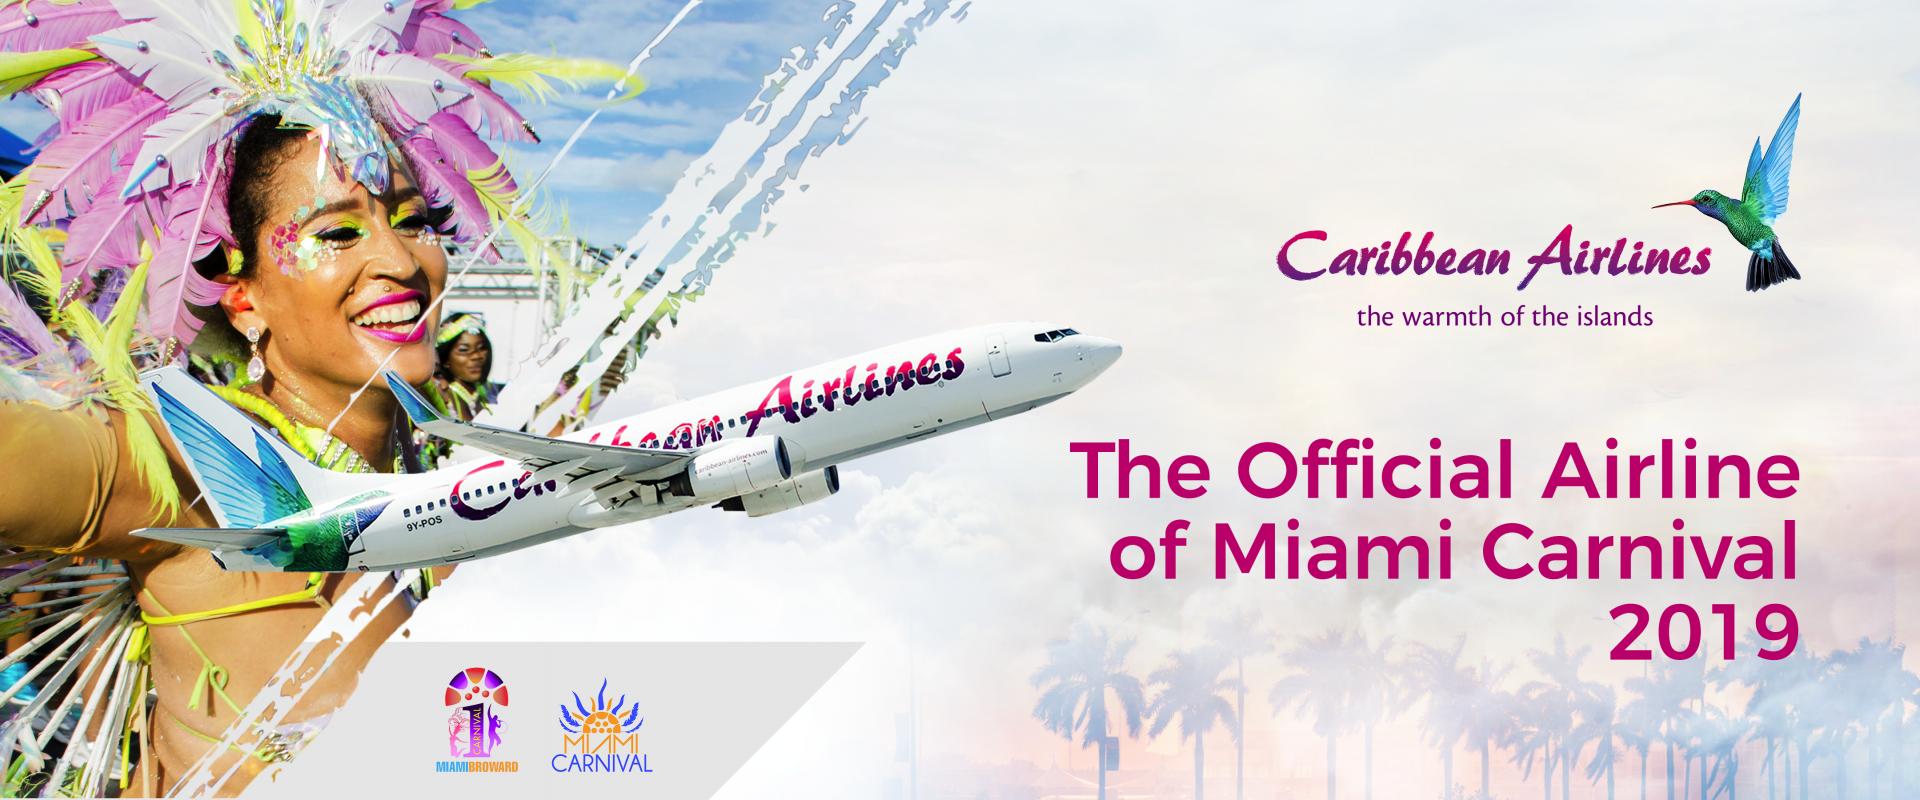 CaribbeanAirlines_Slide